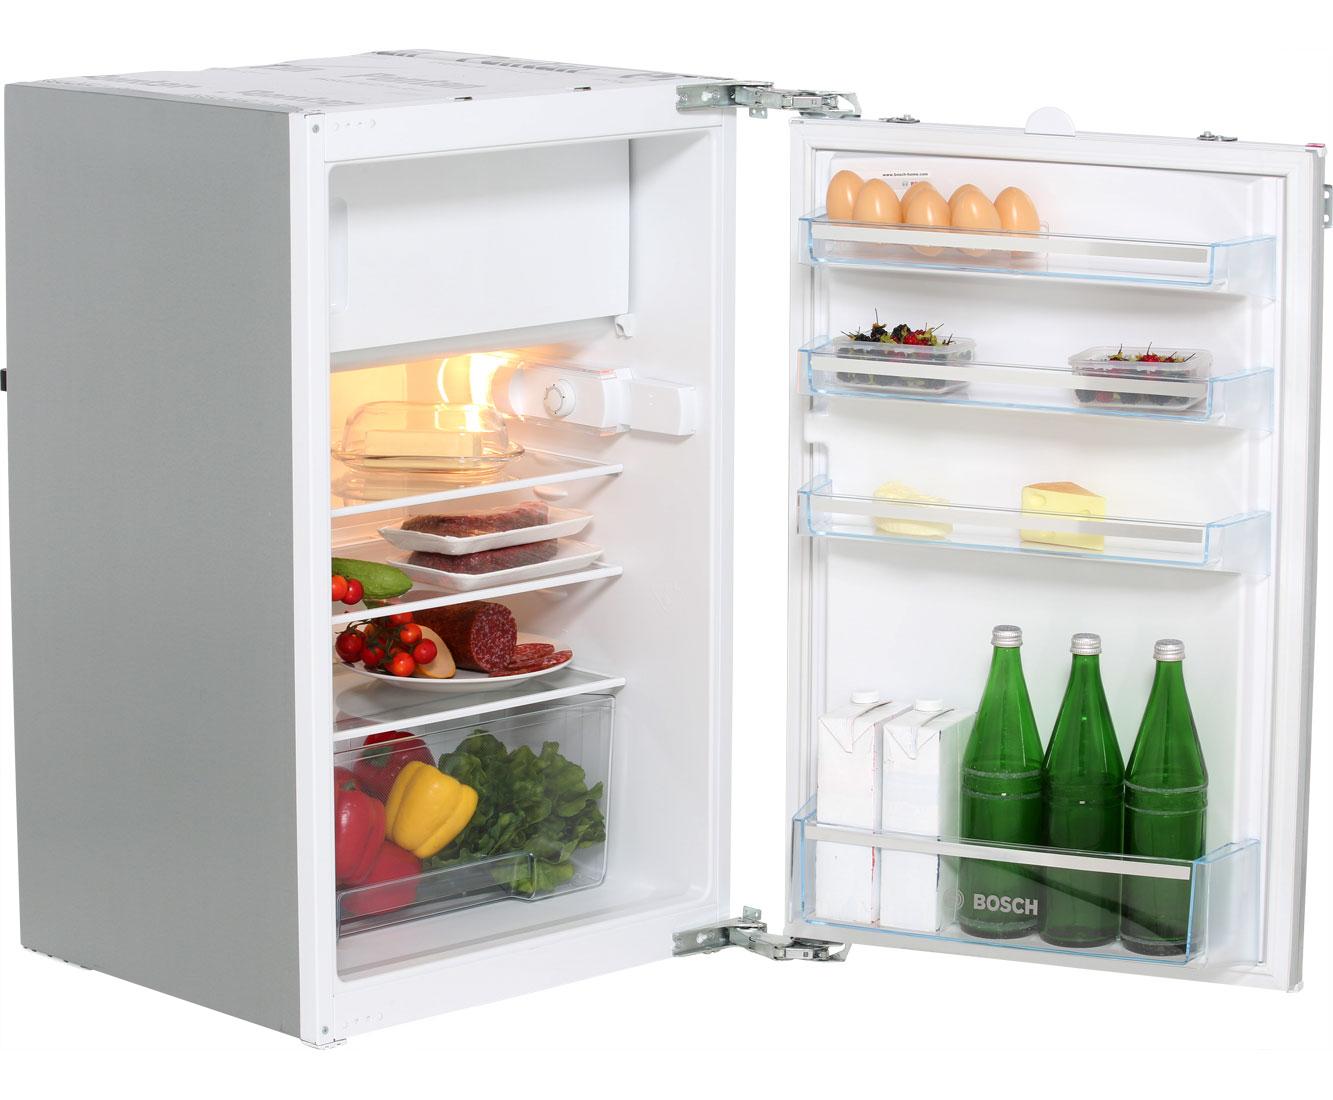 Retro Kühlschrank Anthrazit : Amerikanischer kühlschrank retro waeco mobicool thermoelektrischer